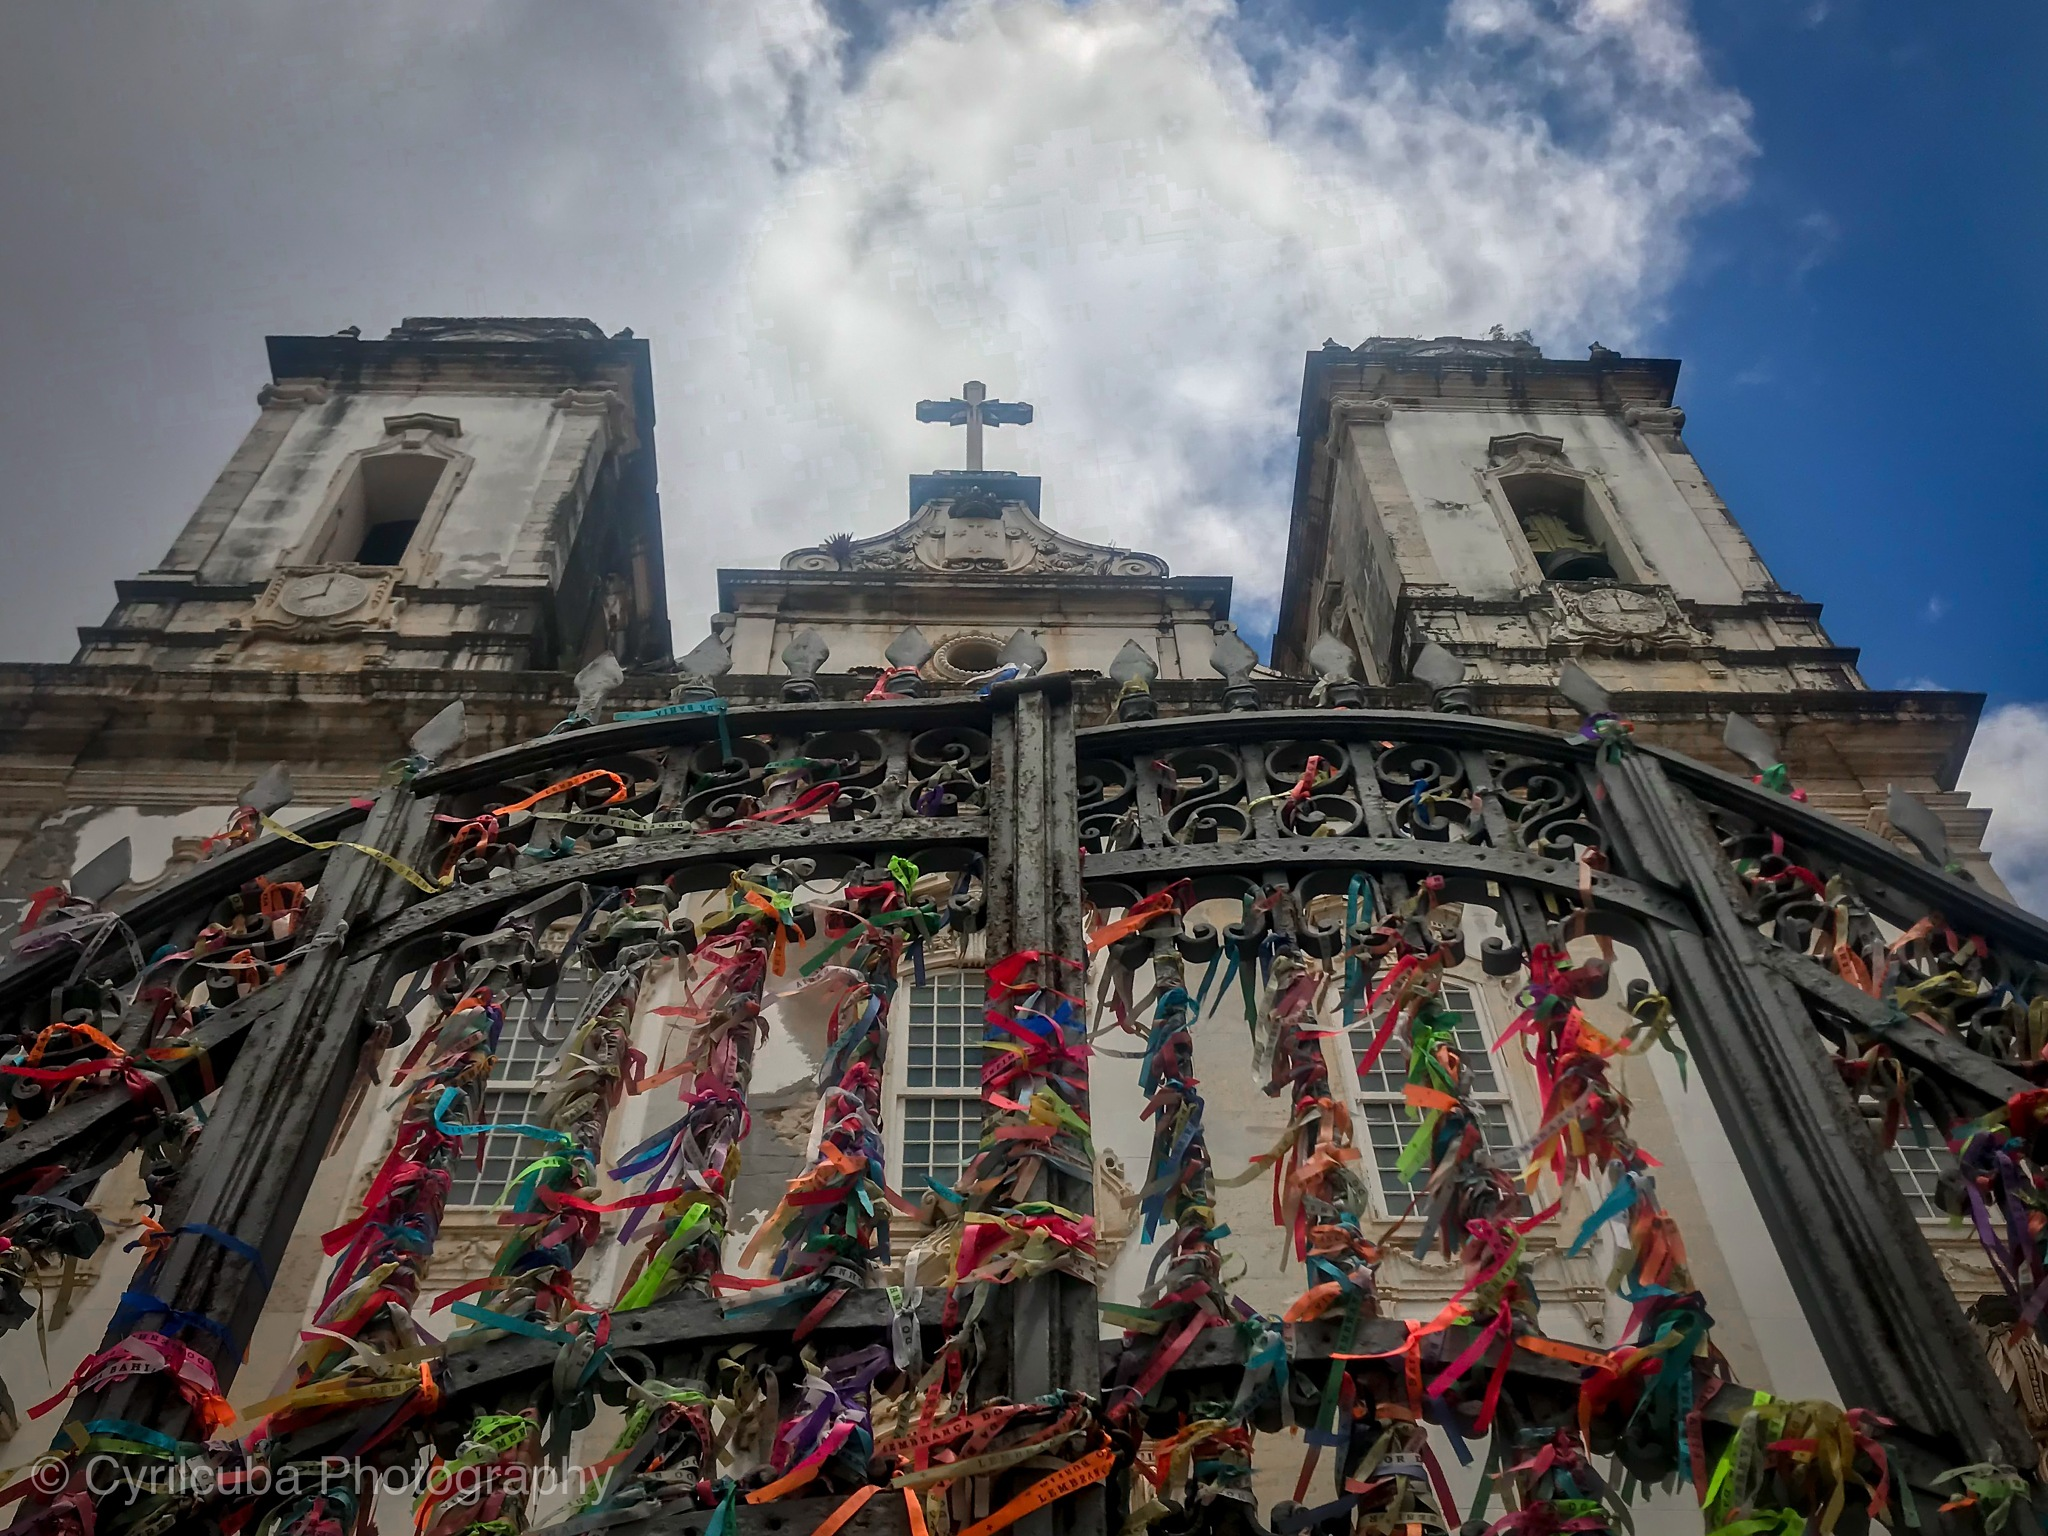 Church by Cyril Menendez Perez